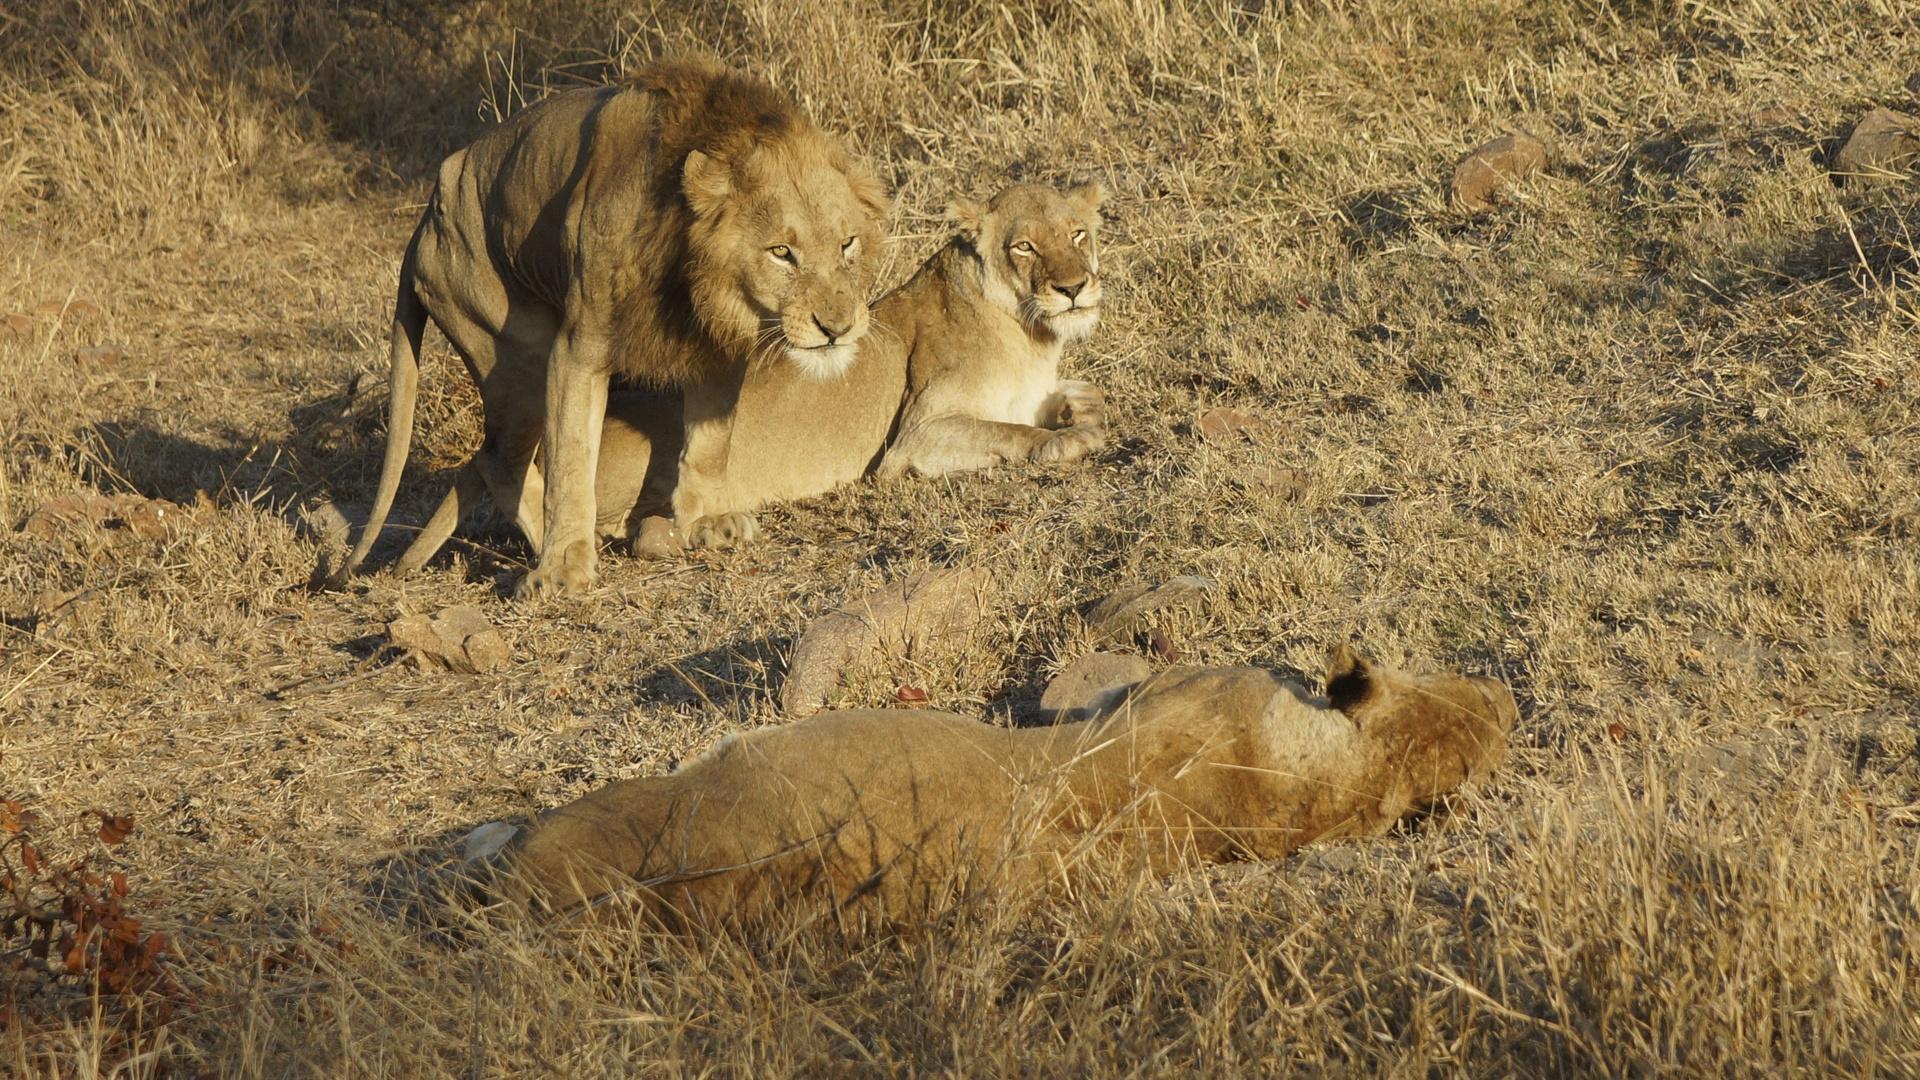 Löwen unmittelbar nach dem Liebesspiel